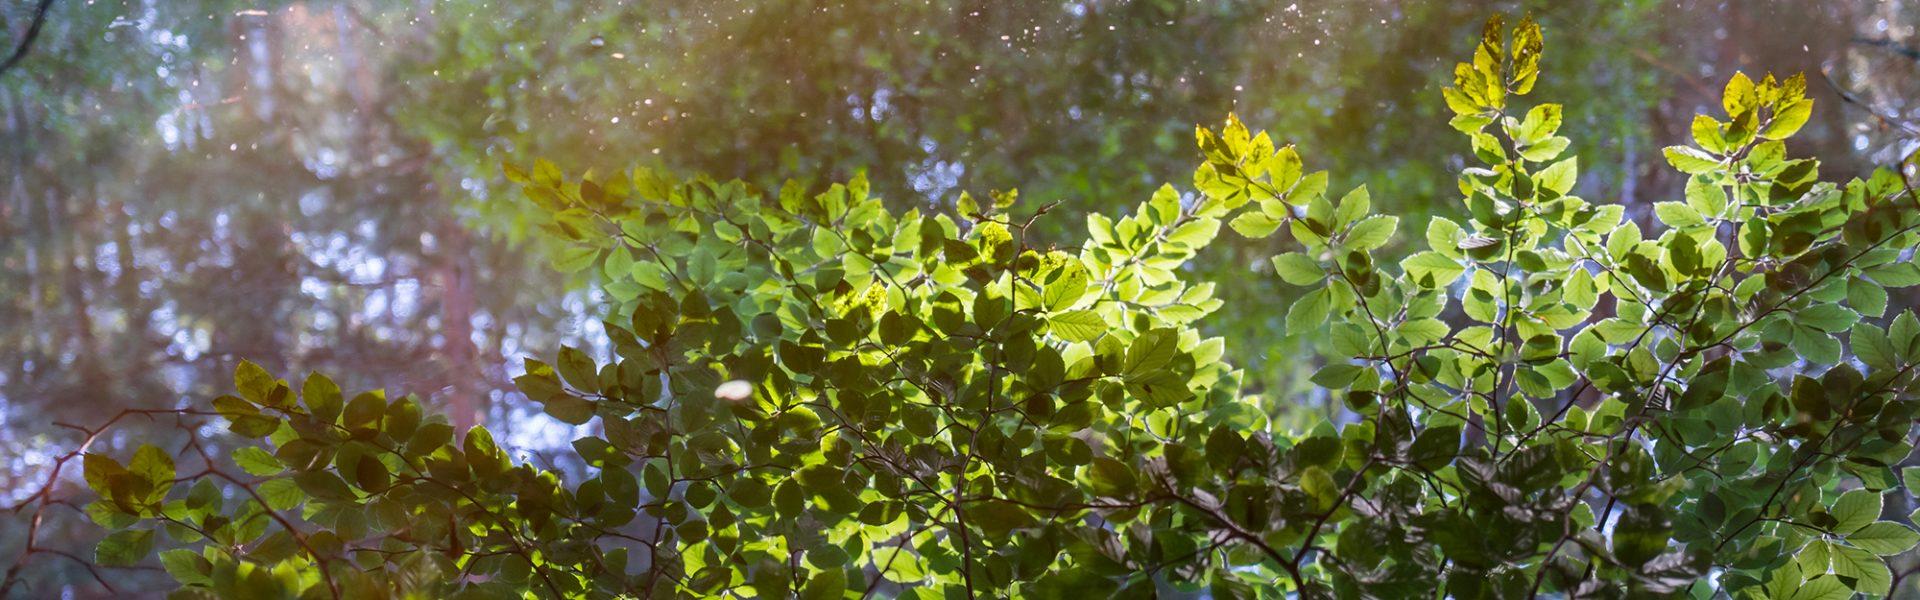 Dresdner Heide Naturfotografie